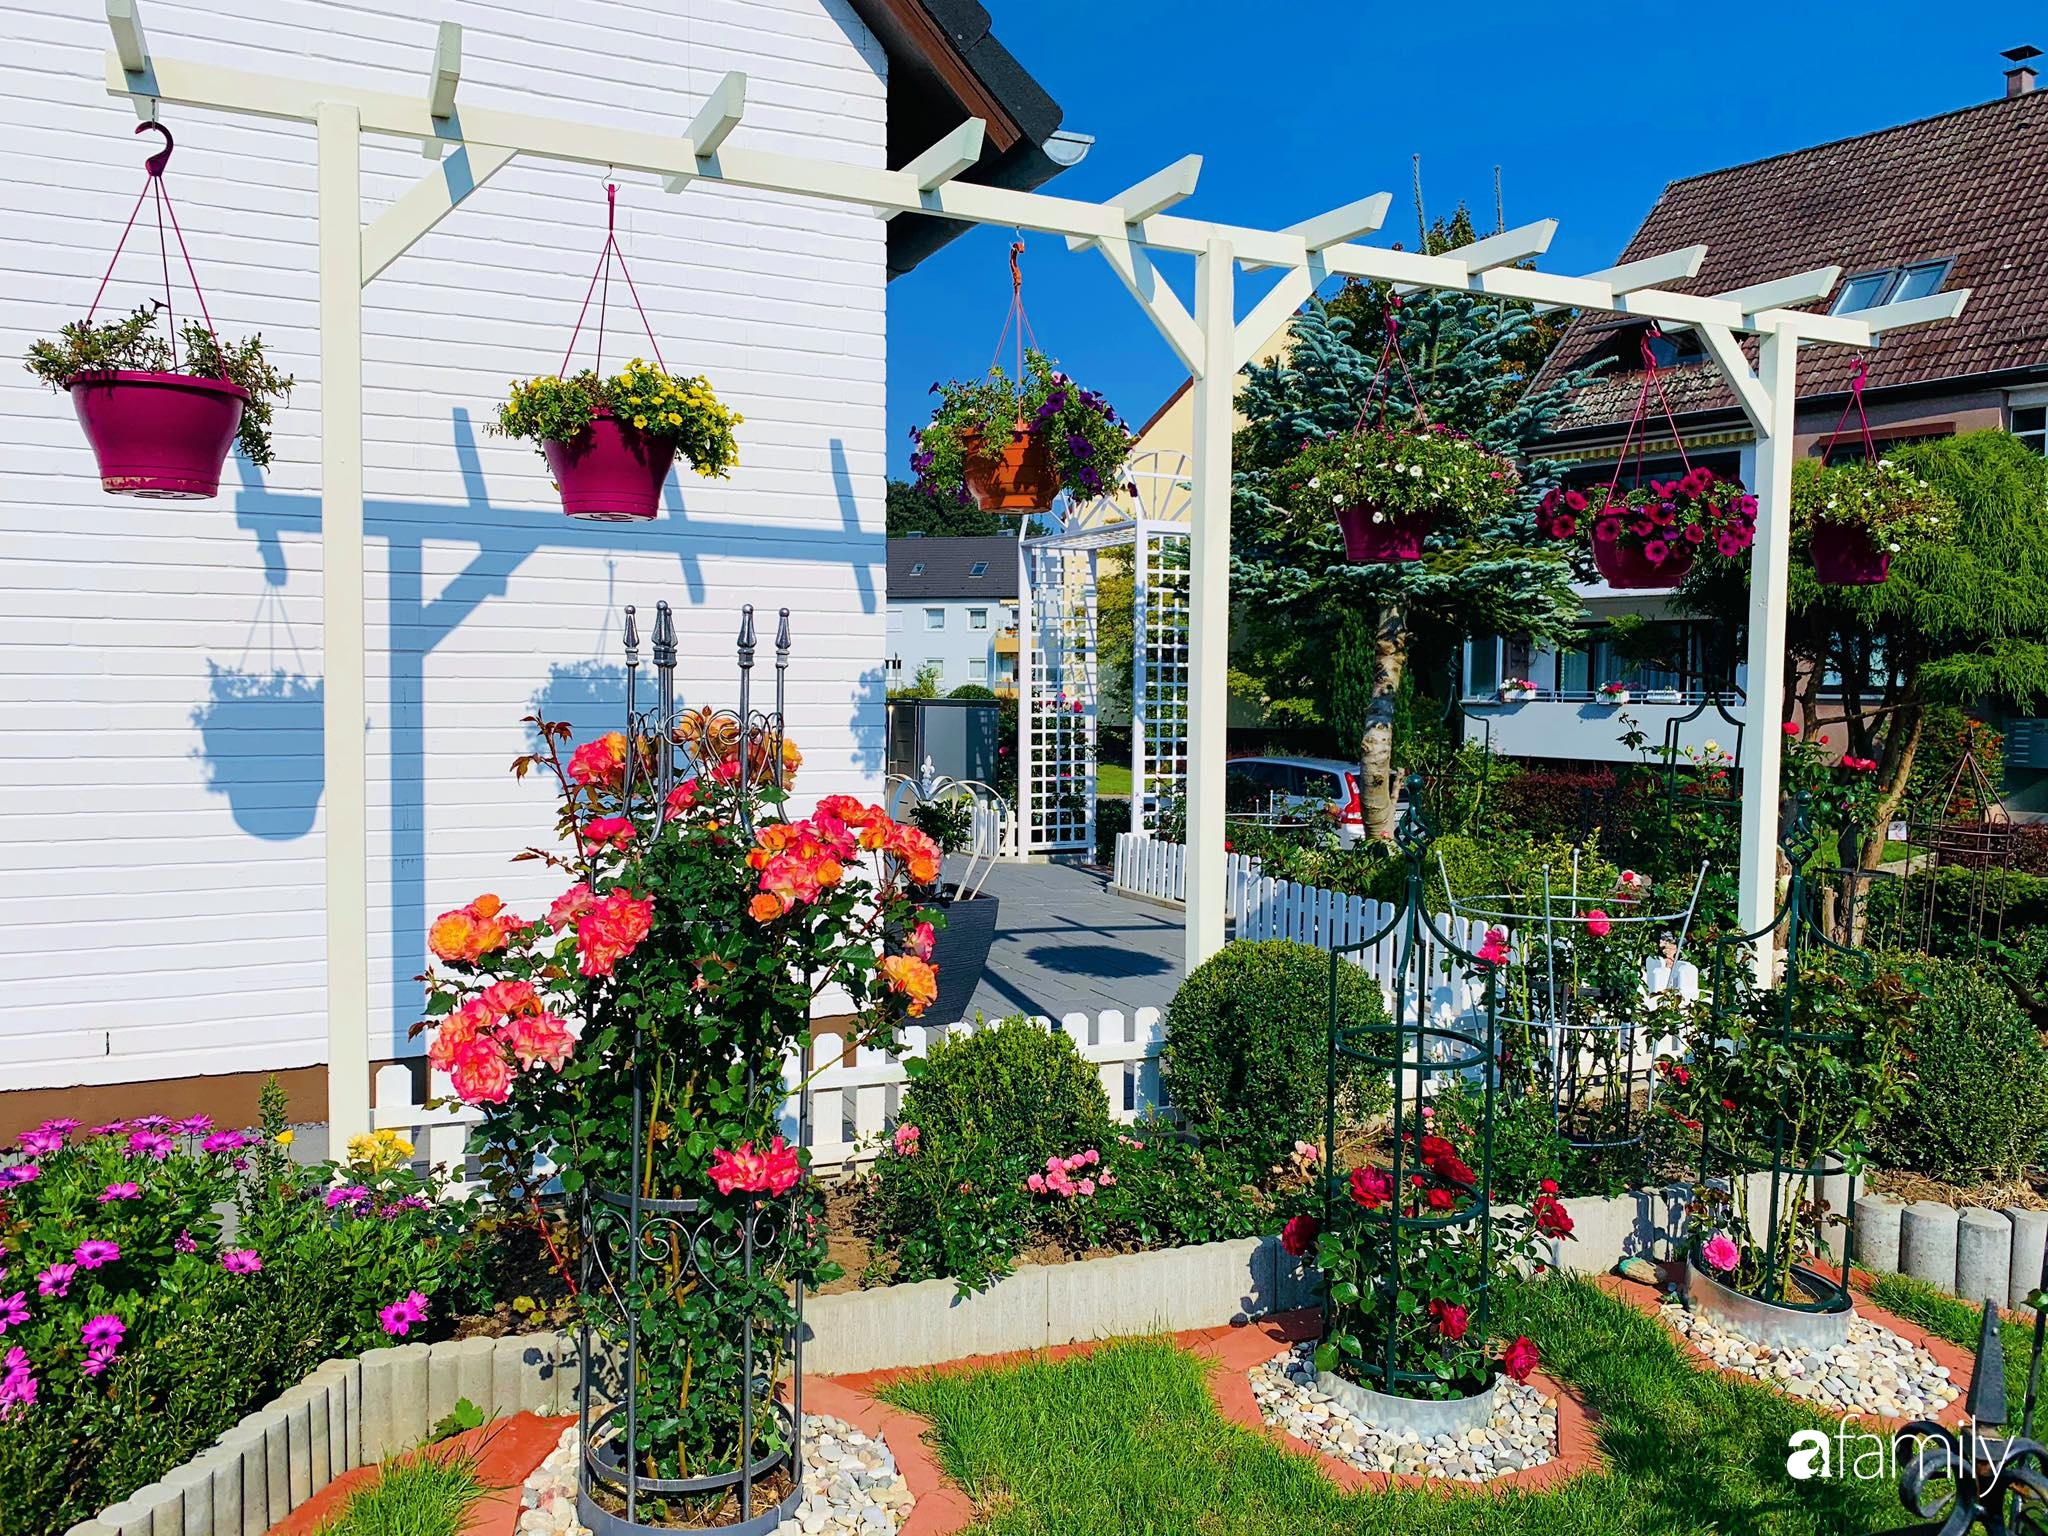 """Vườn hoa 500m² đẹp như cổ tích được tạo bởi tình yêu thiên nhiên của cặp vợ chồng dành cả """"thanh xuân"""" để trồng cây - Ảnh 9."""